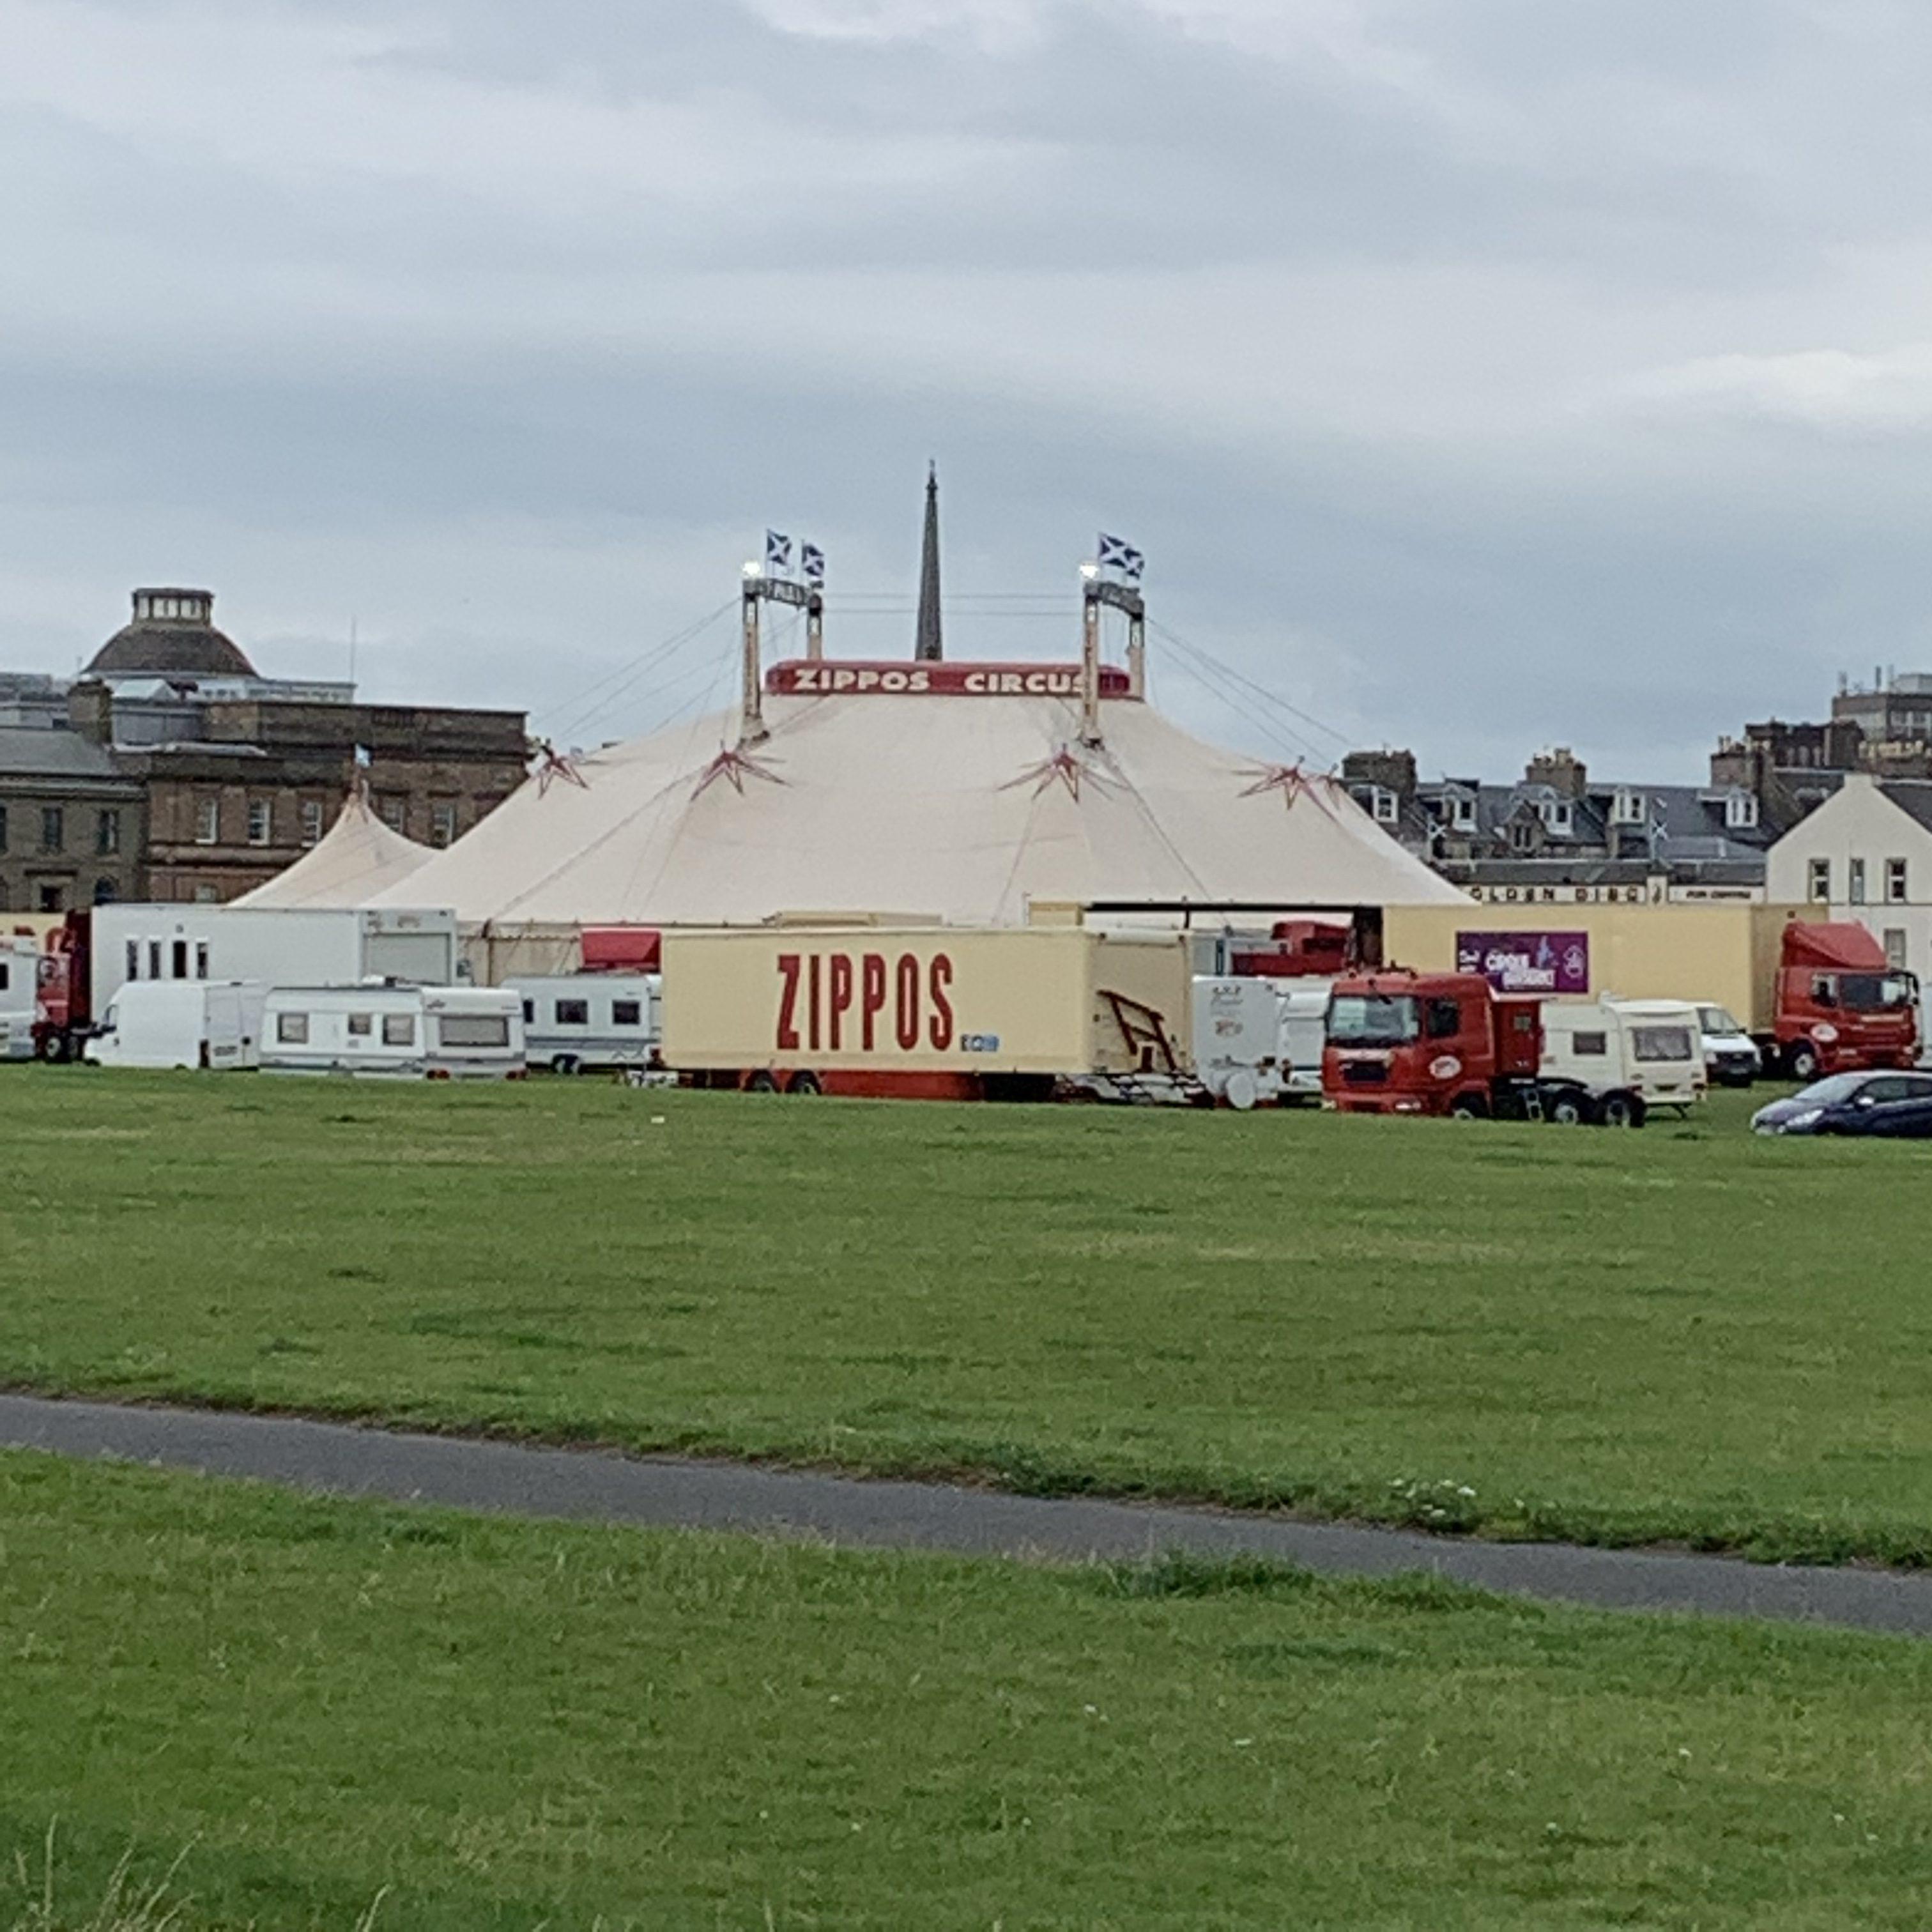 Zippos circus tent